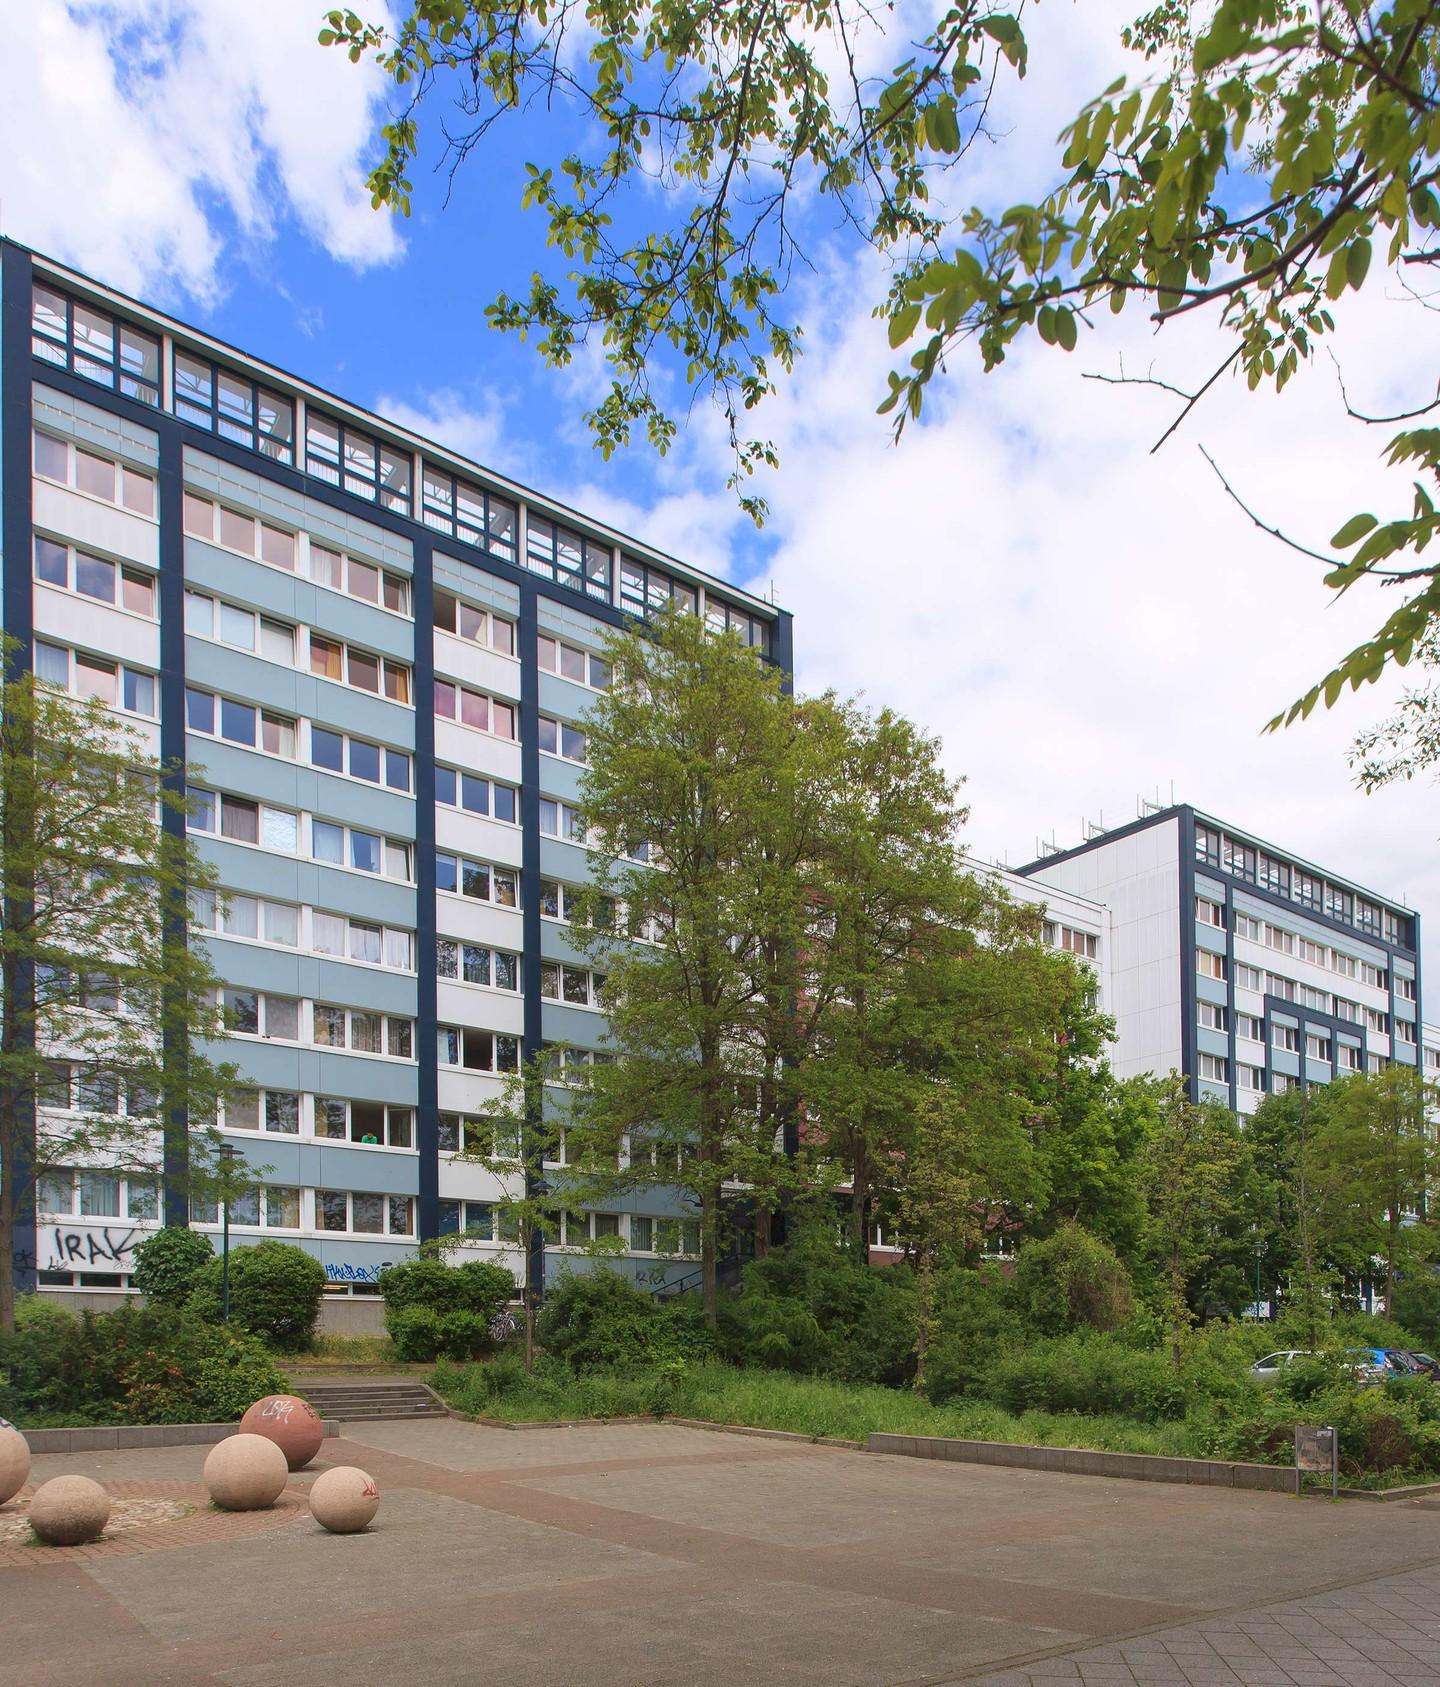 Studentenwerk Wohnen Wohnheime In Saarbr: Johannes-R.-Becher-Straße 3-11